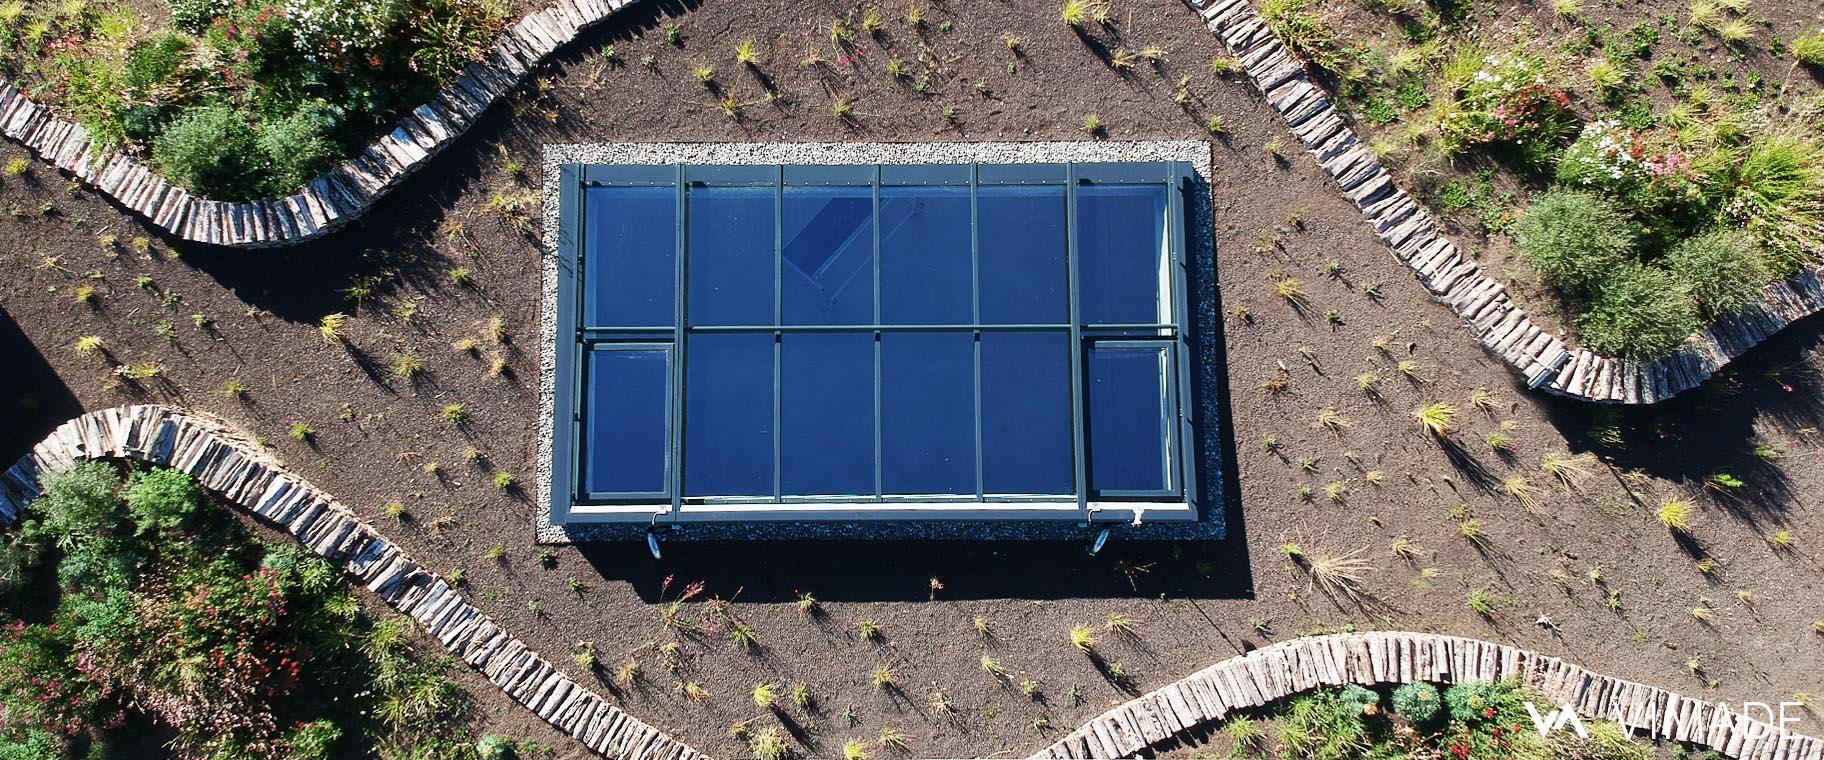 Toiture végétalisé du bâtiment Luigia du site The hive à Meyrin vue du ciel, drone, par le bureau VIMADE Architectes paysagistes Genève.